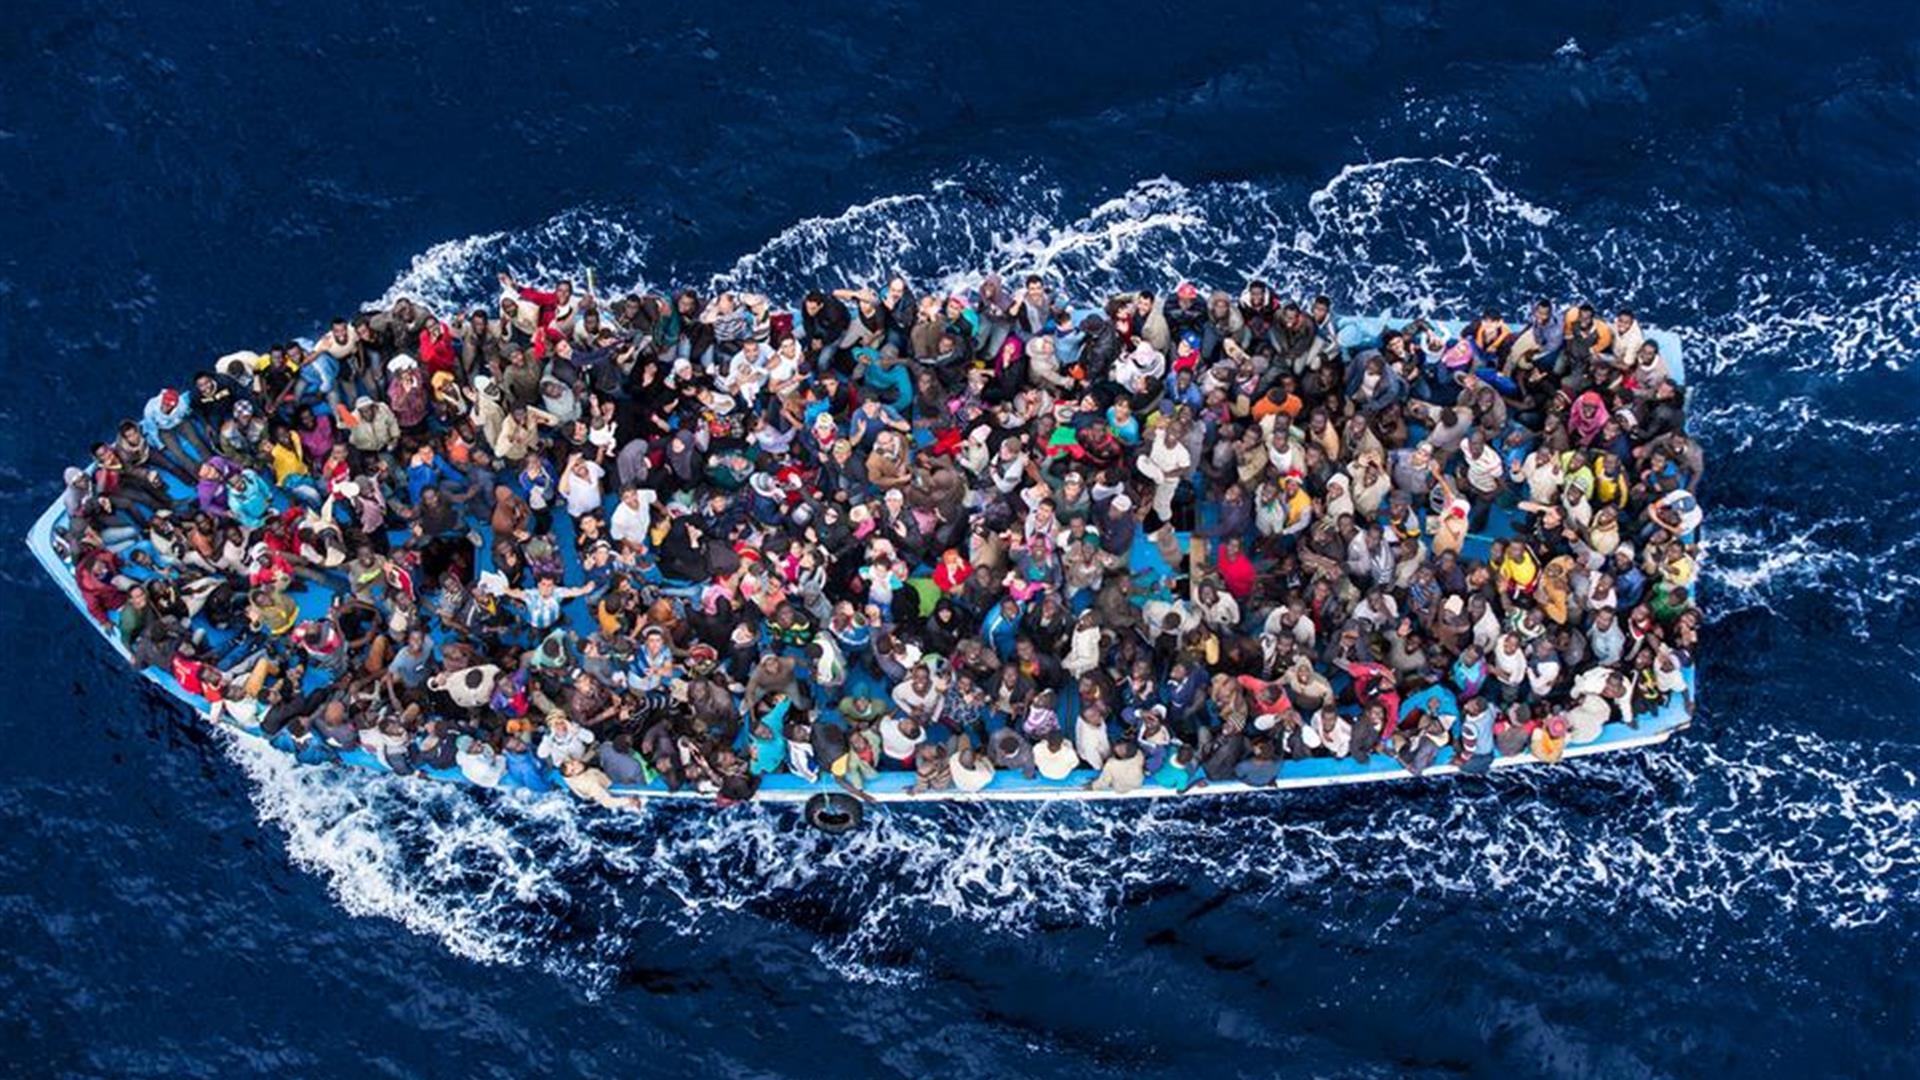 migranti aiutarli a casa loro